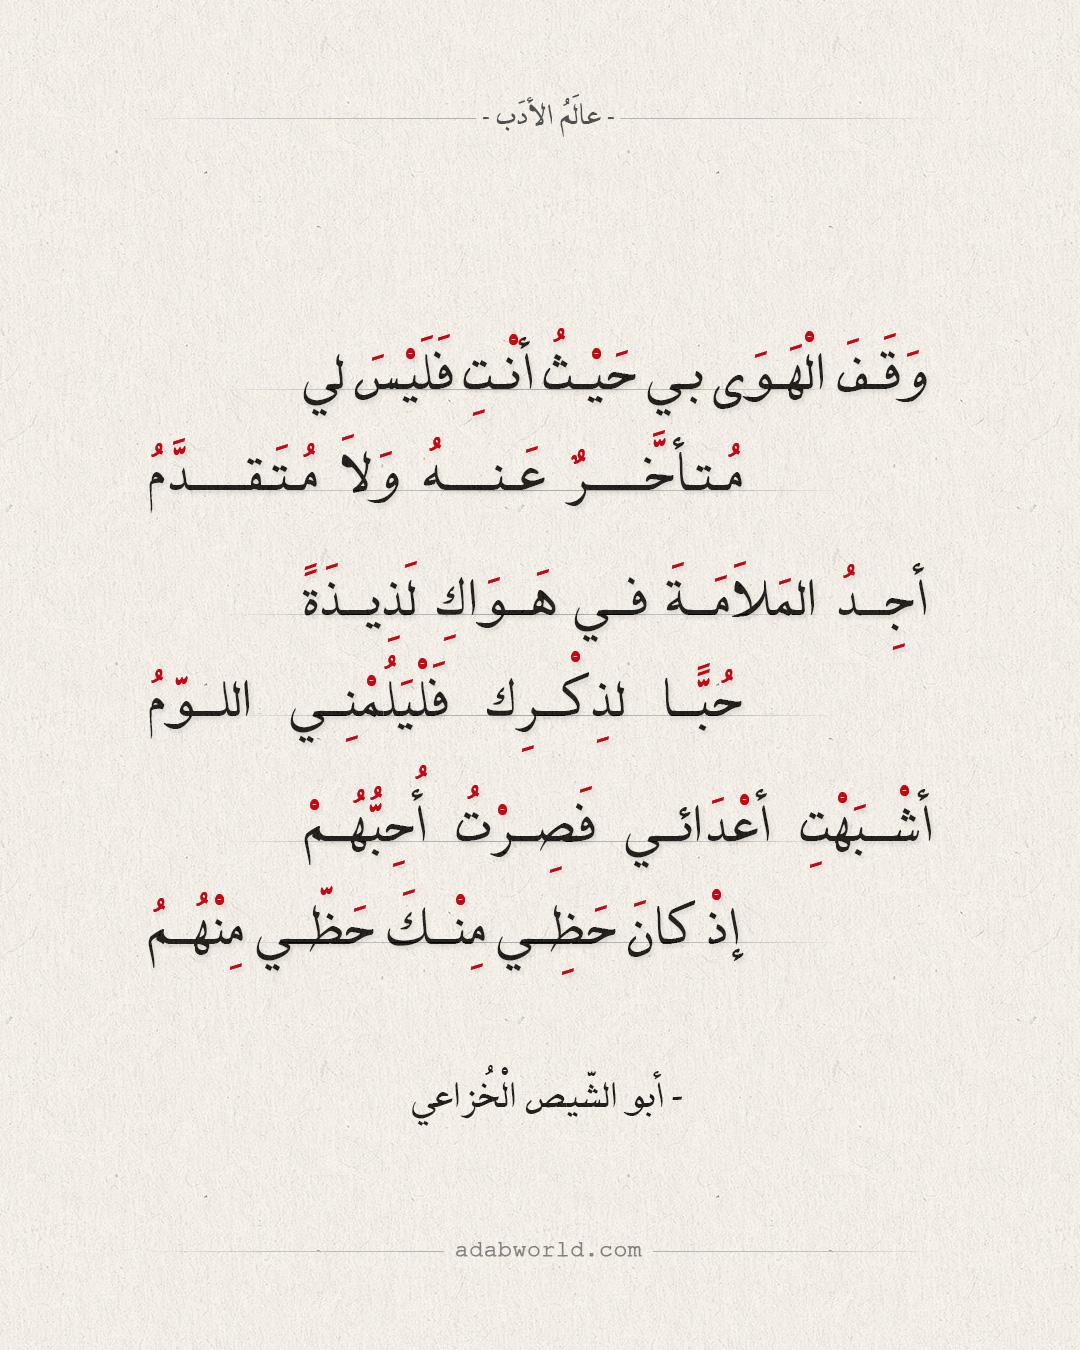 شعر أبو الشيص - وقف الهوى بي حيث أنت فليس لي